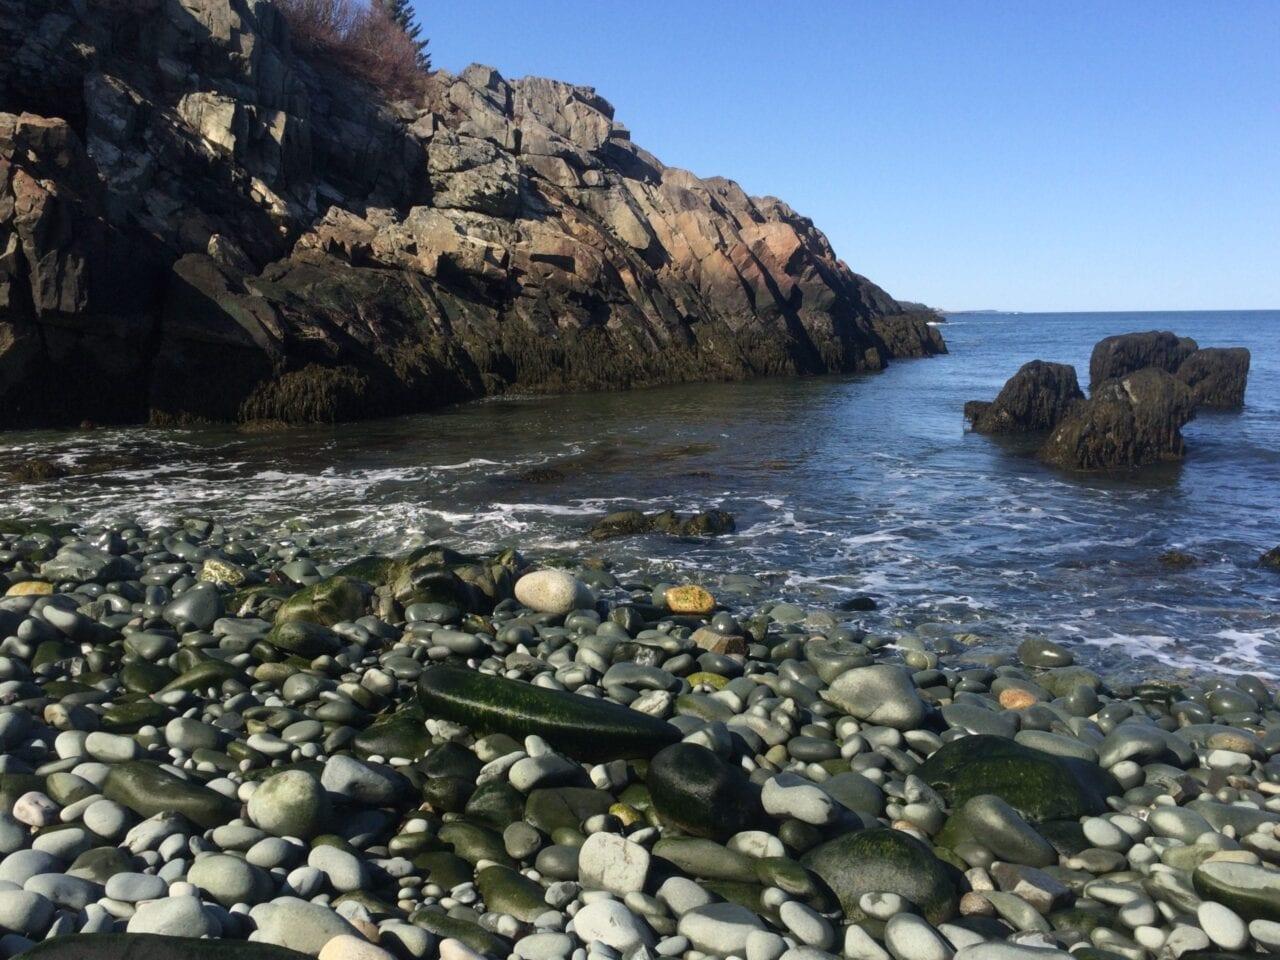 A rocky beach on Maine's Cutler Coast.